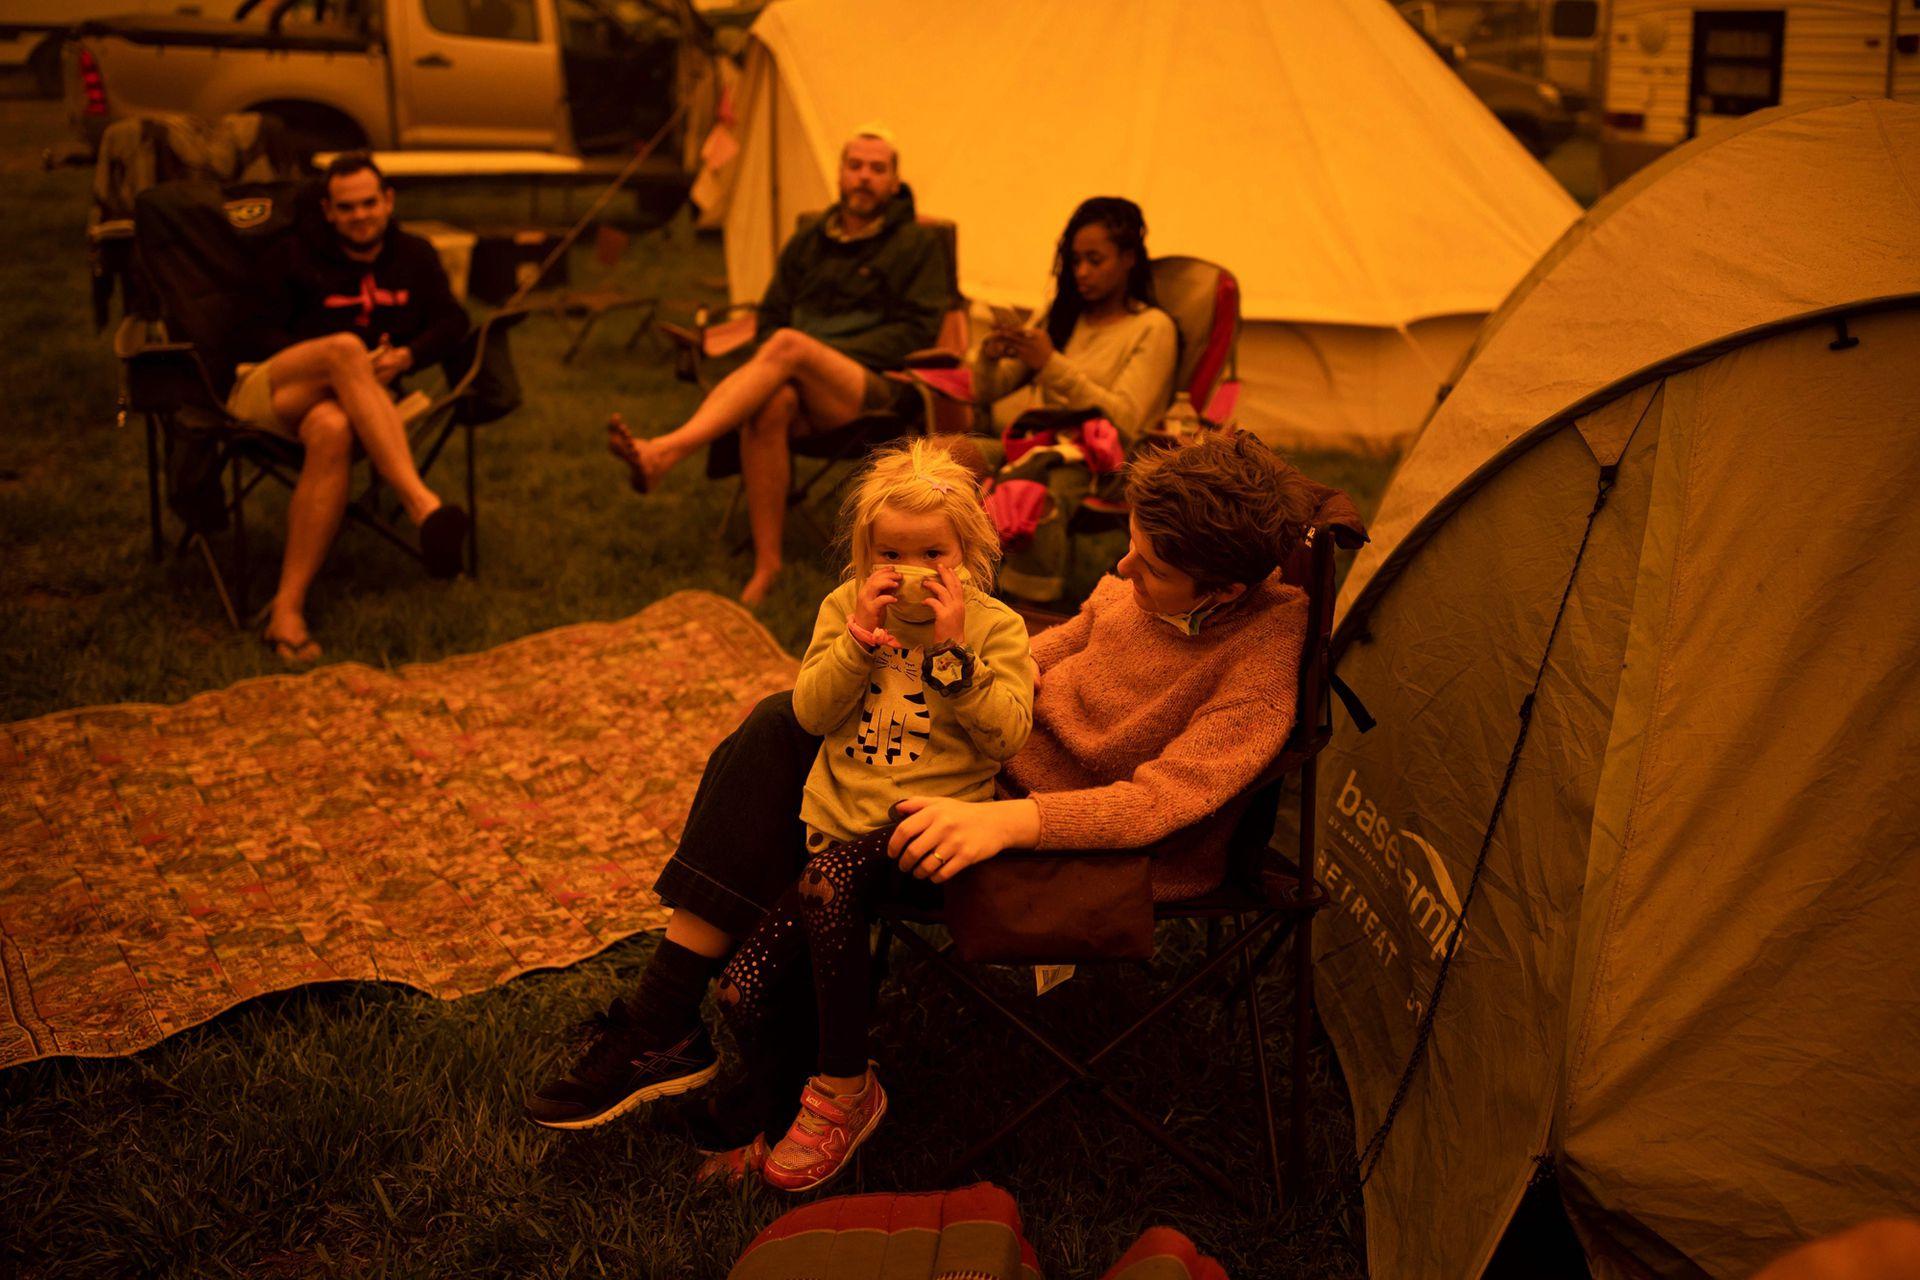 La gente se sienta y espera en un parque de la ciudad de Bega, en el sur de Nueva Gales del Sur, donde acampan después de ser evacuados de sitios cercanos afectados por incendios forestales el 31 de diciembre de 2019.